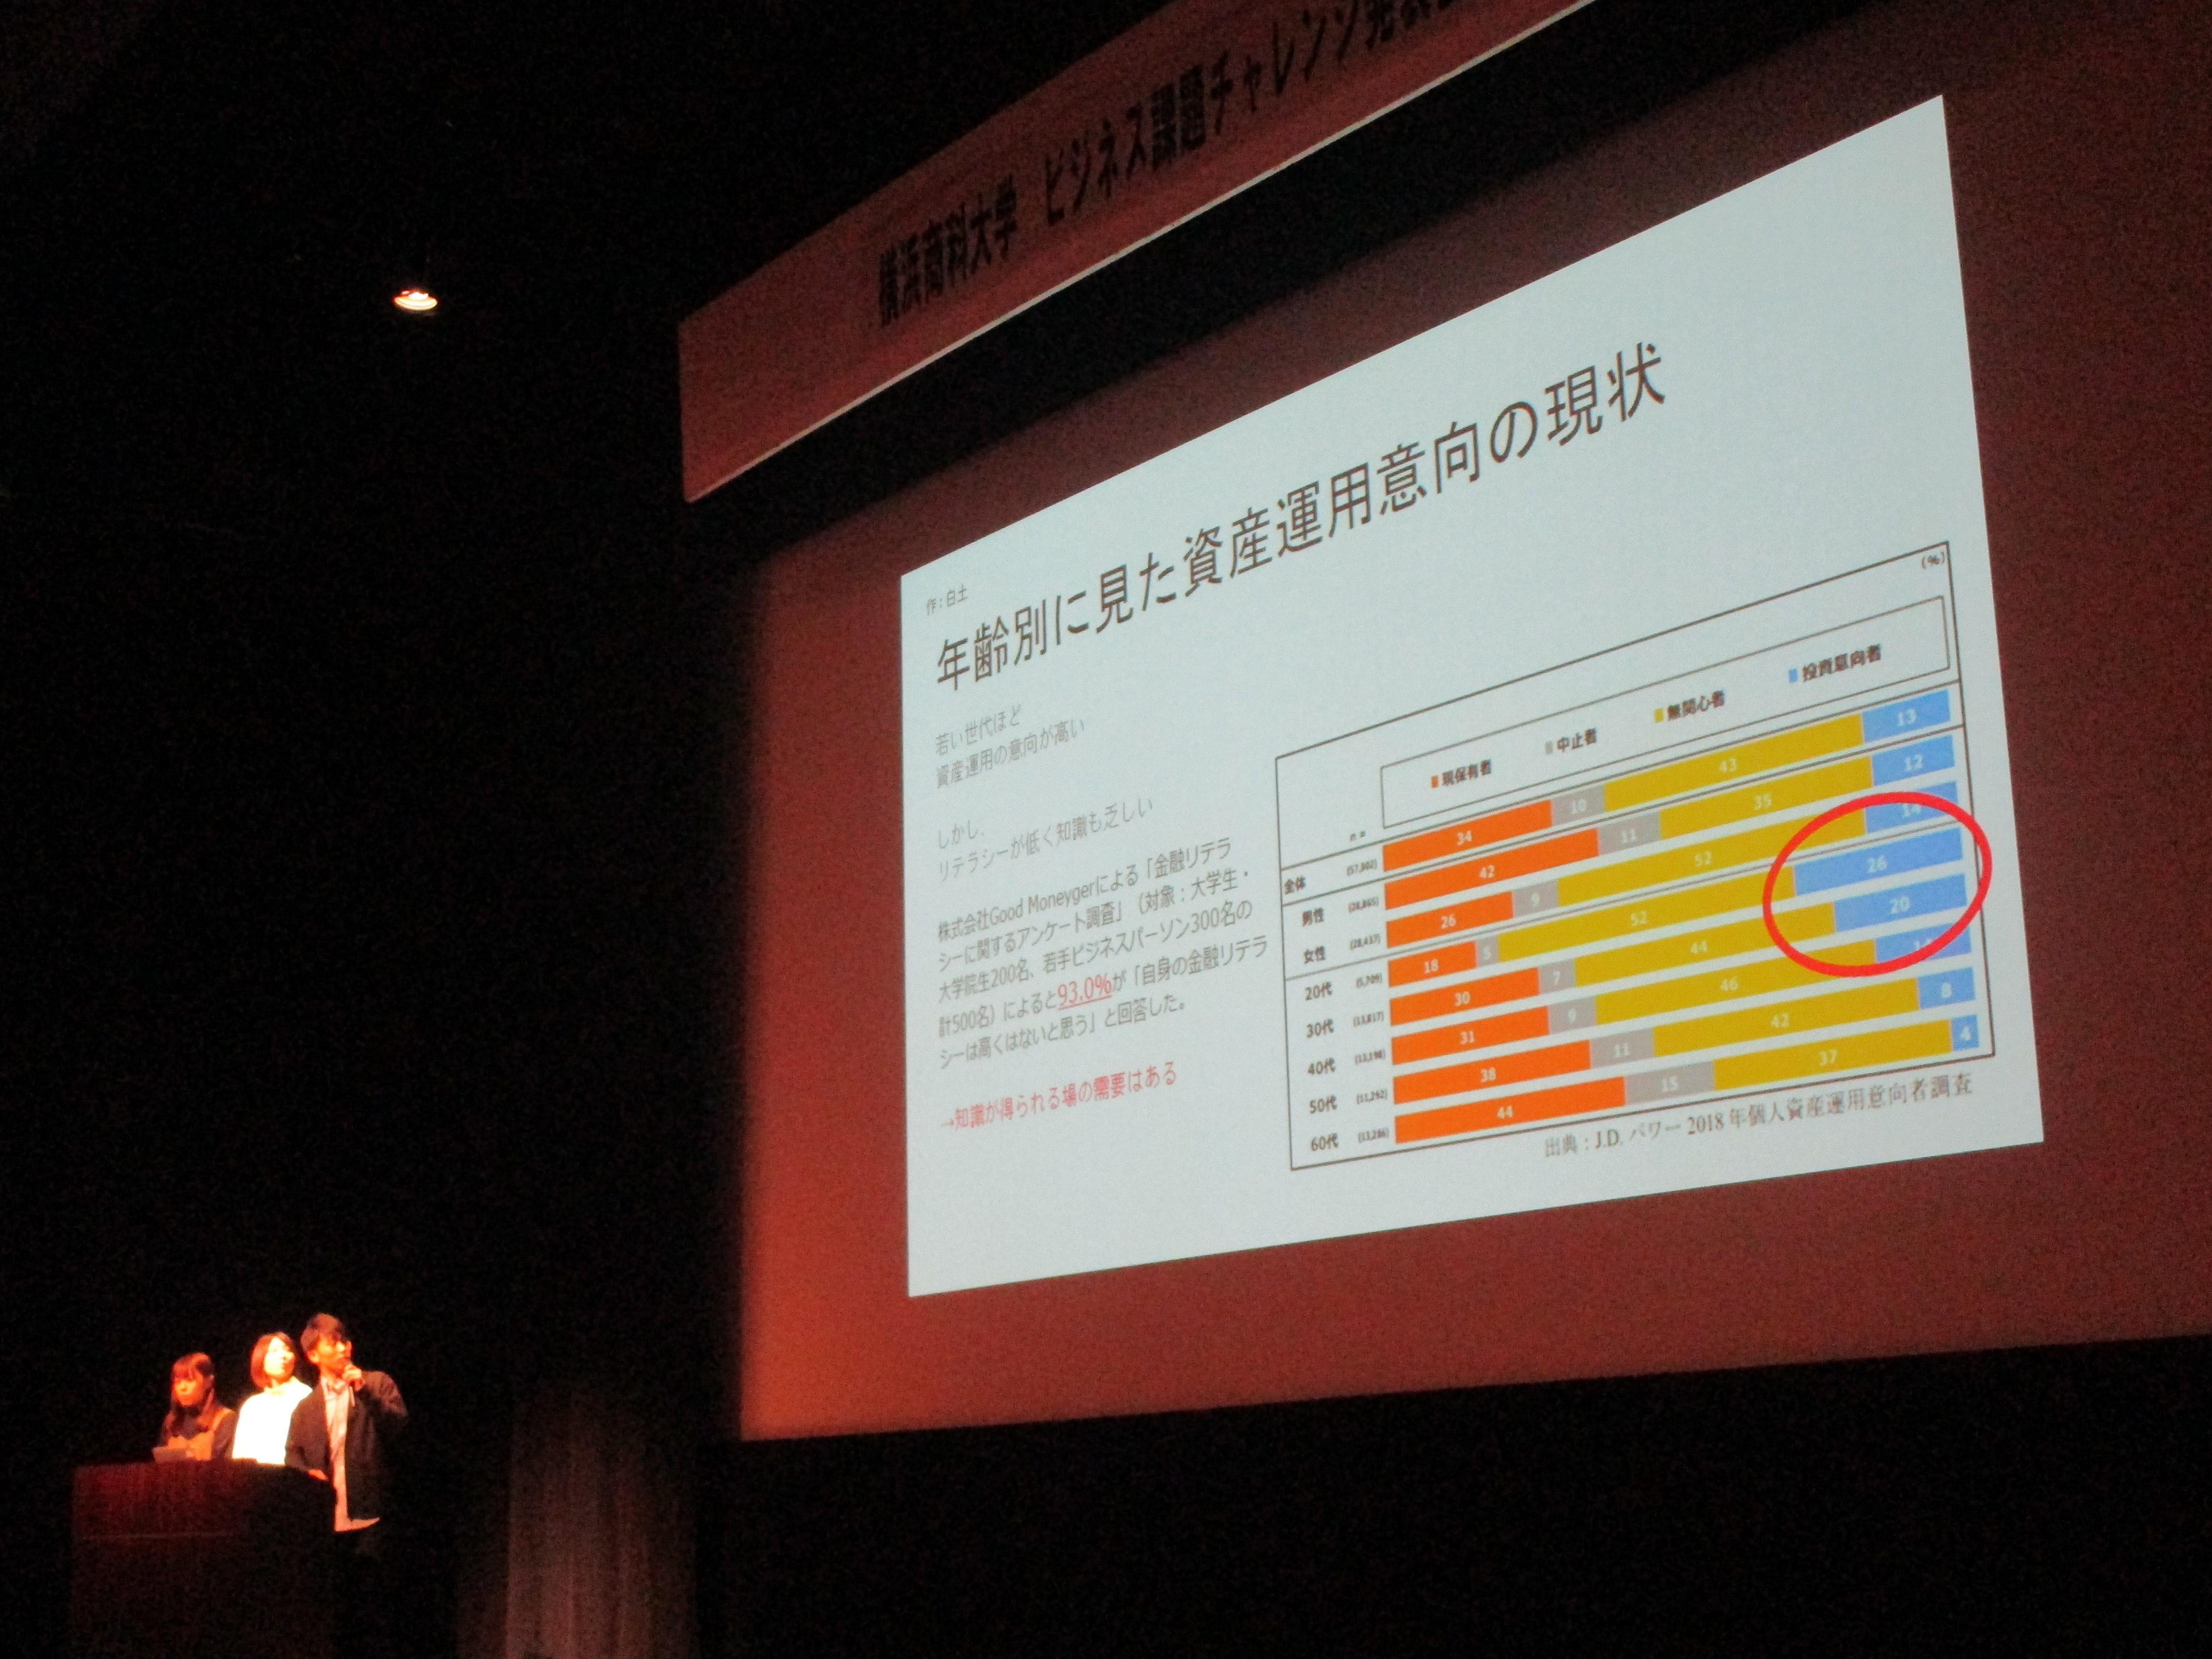 横浜商科大学が「ビジネス課題チャレンジ発表会」を開催 -- 2年生がチーム対抗で企業や商店街の課題解決策を競い合うPBL型授業